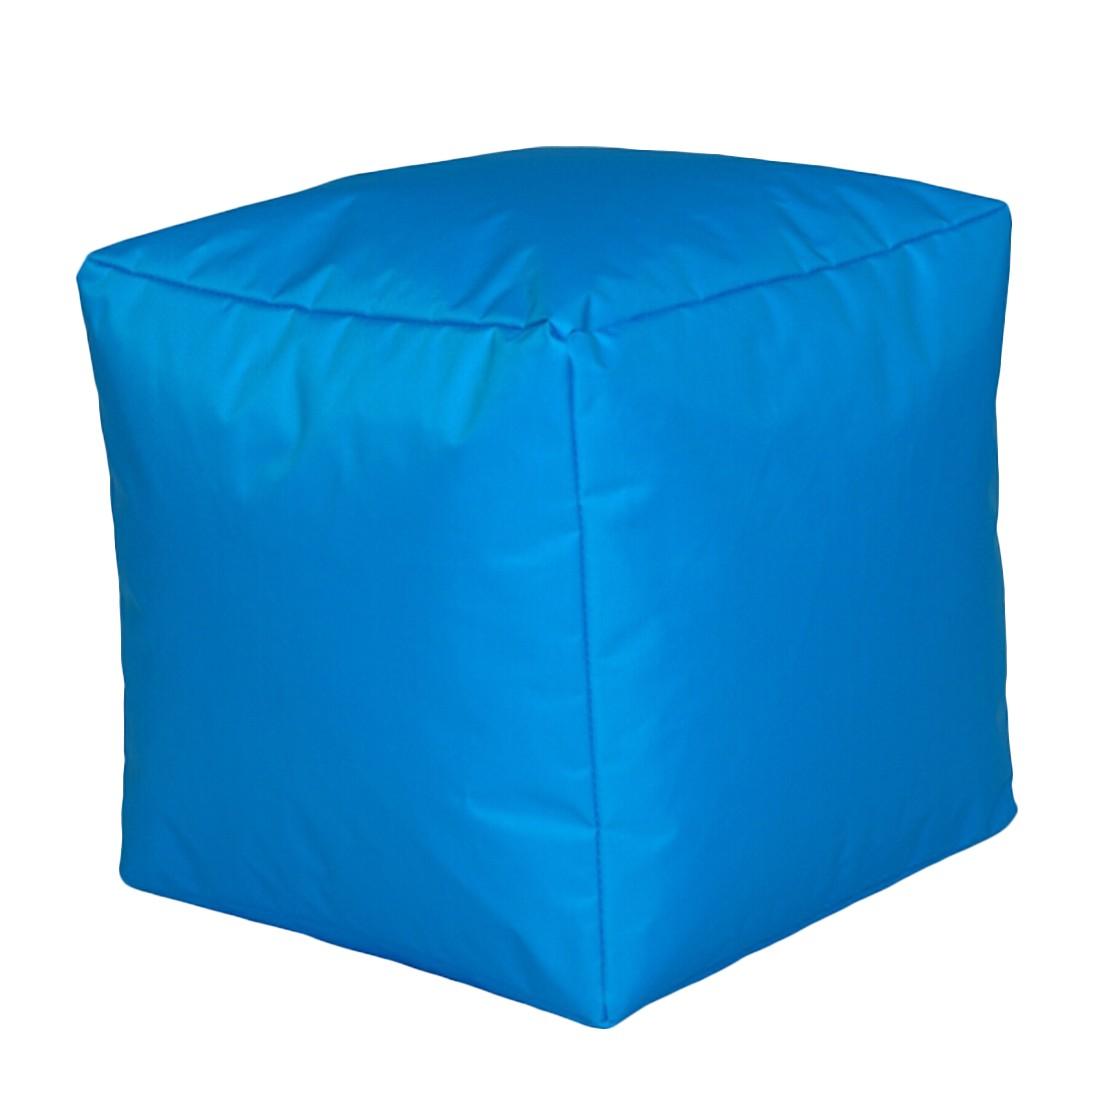 Sitzwürfel Nylon Türkis klein – 40 x 40 cm, KC-Handel günstig bestellen